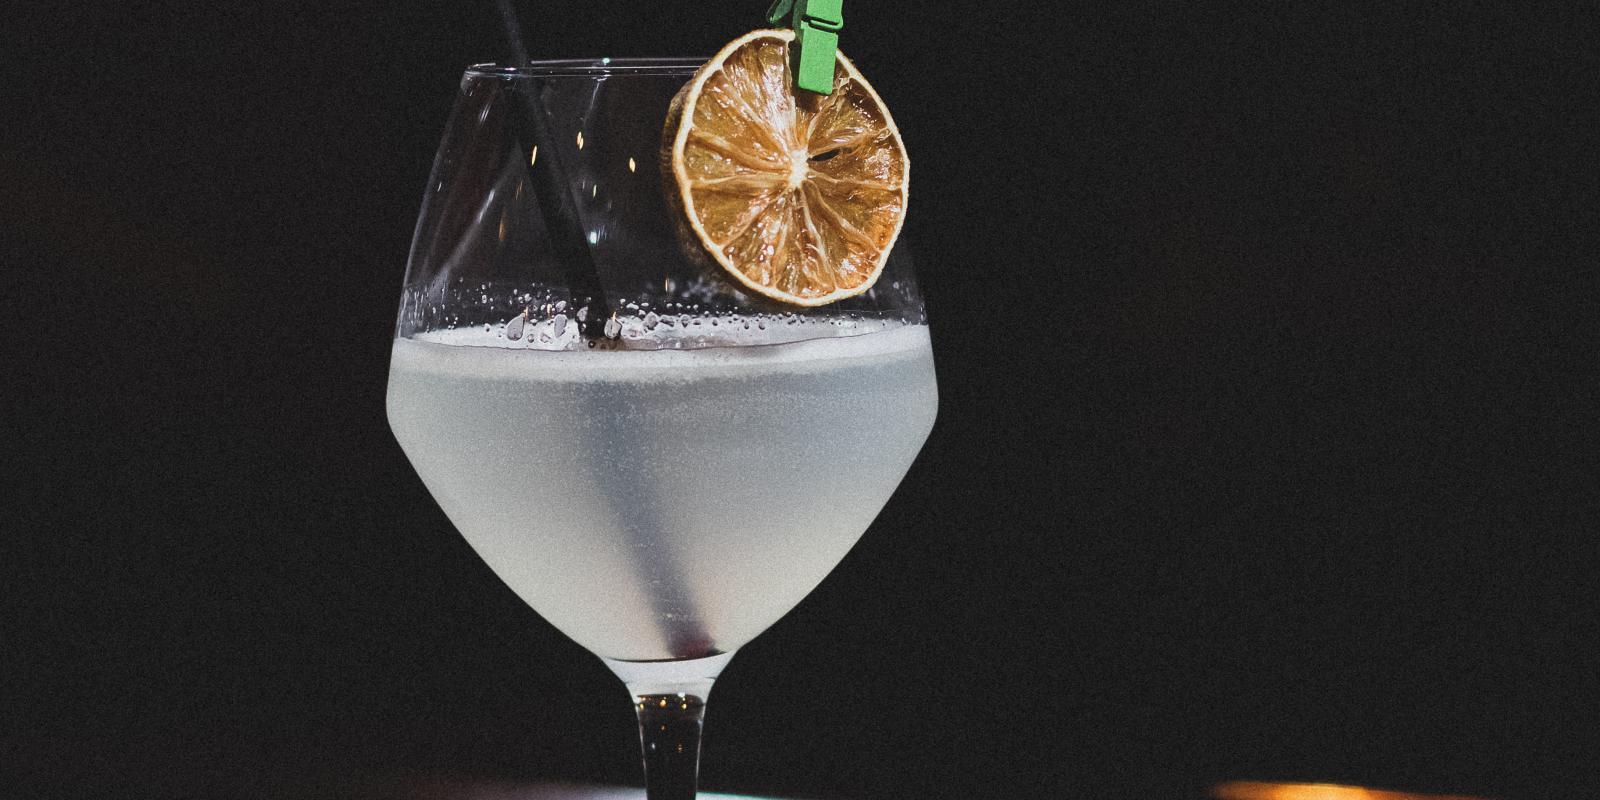 Image décrivant le produit Gin Fizz qui fait partie des Cocktails